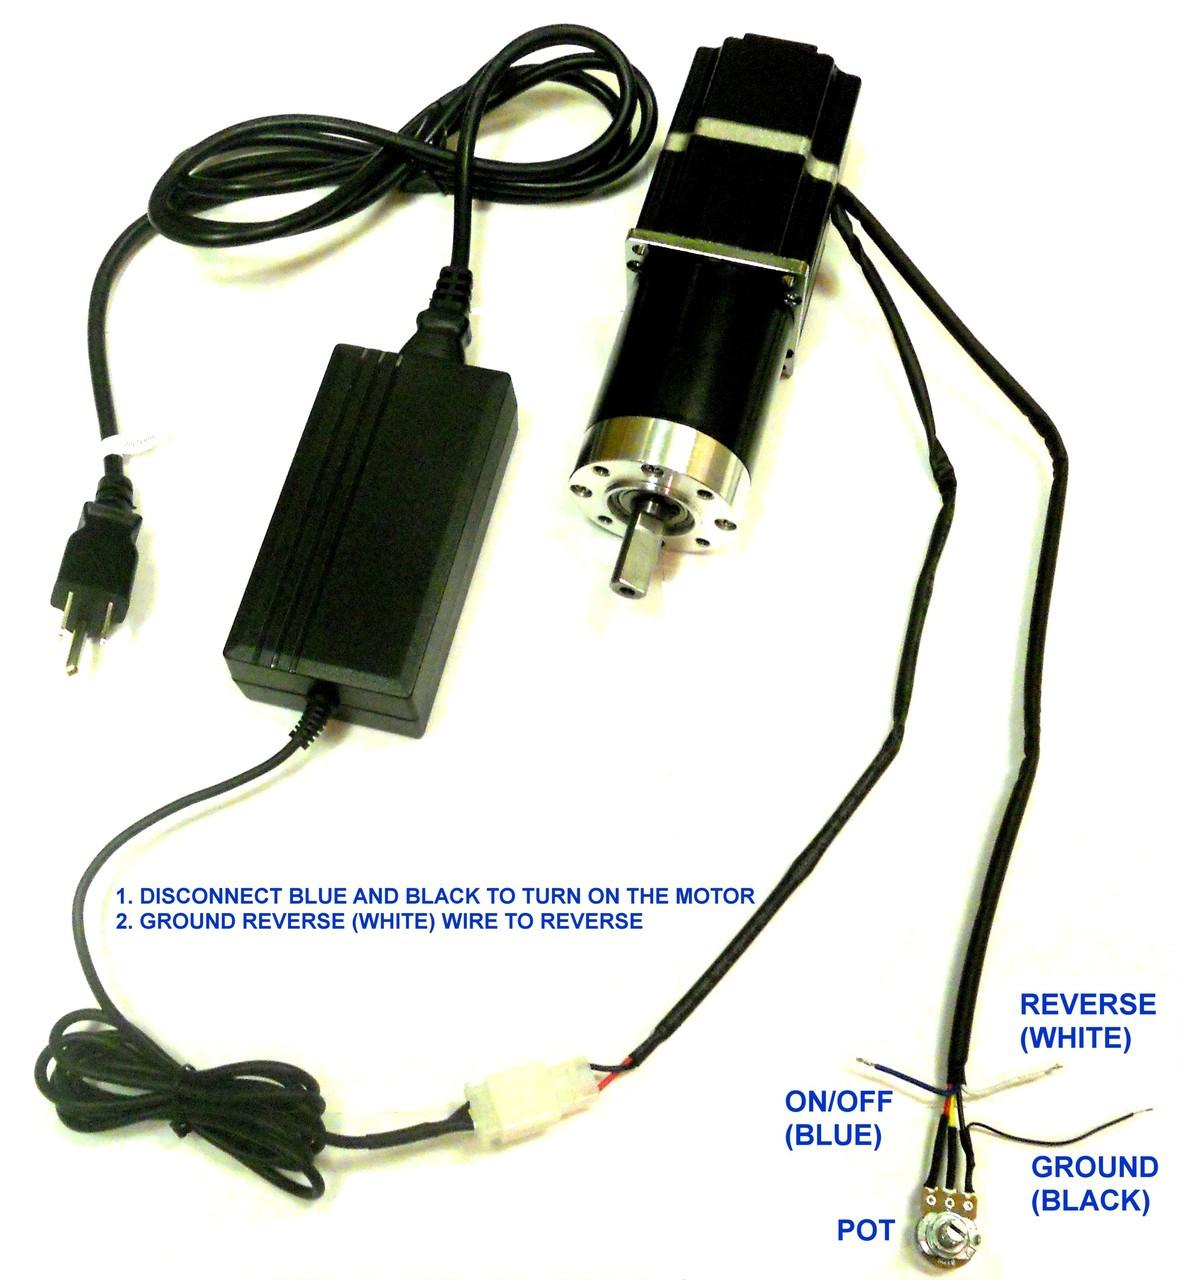 wiring diagram for ac adapter pn00211 10 rpm  rotisserie  gear motor 12v brushless dc  bldc  gear motor 12v brushless dc  bldc